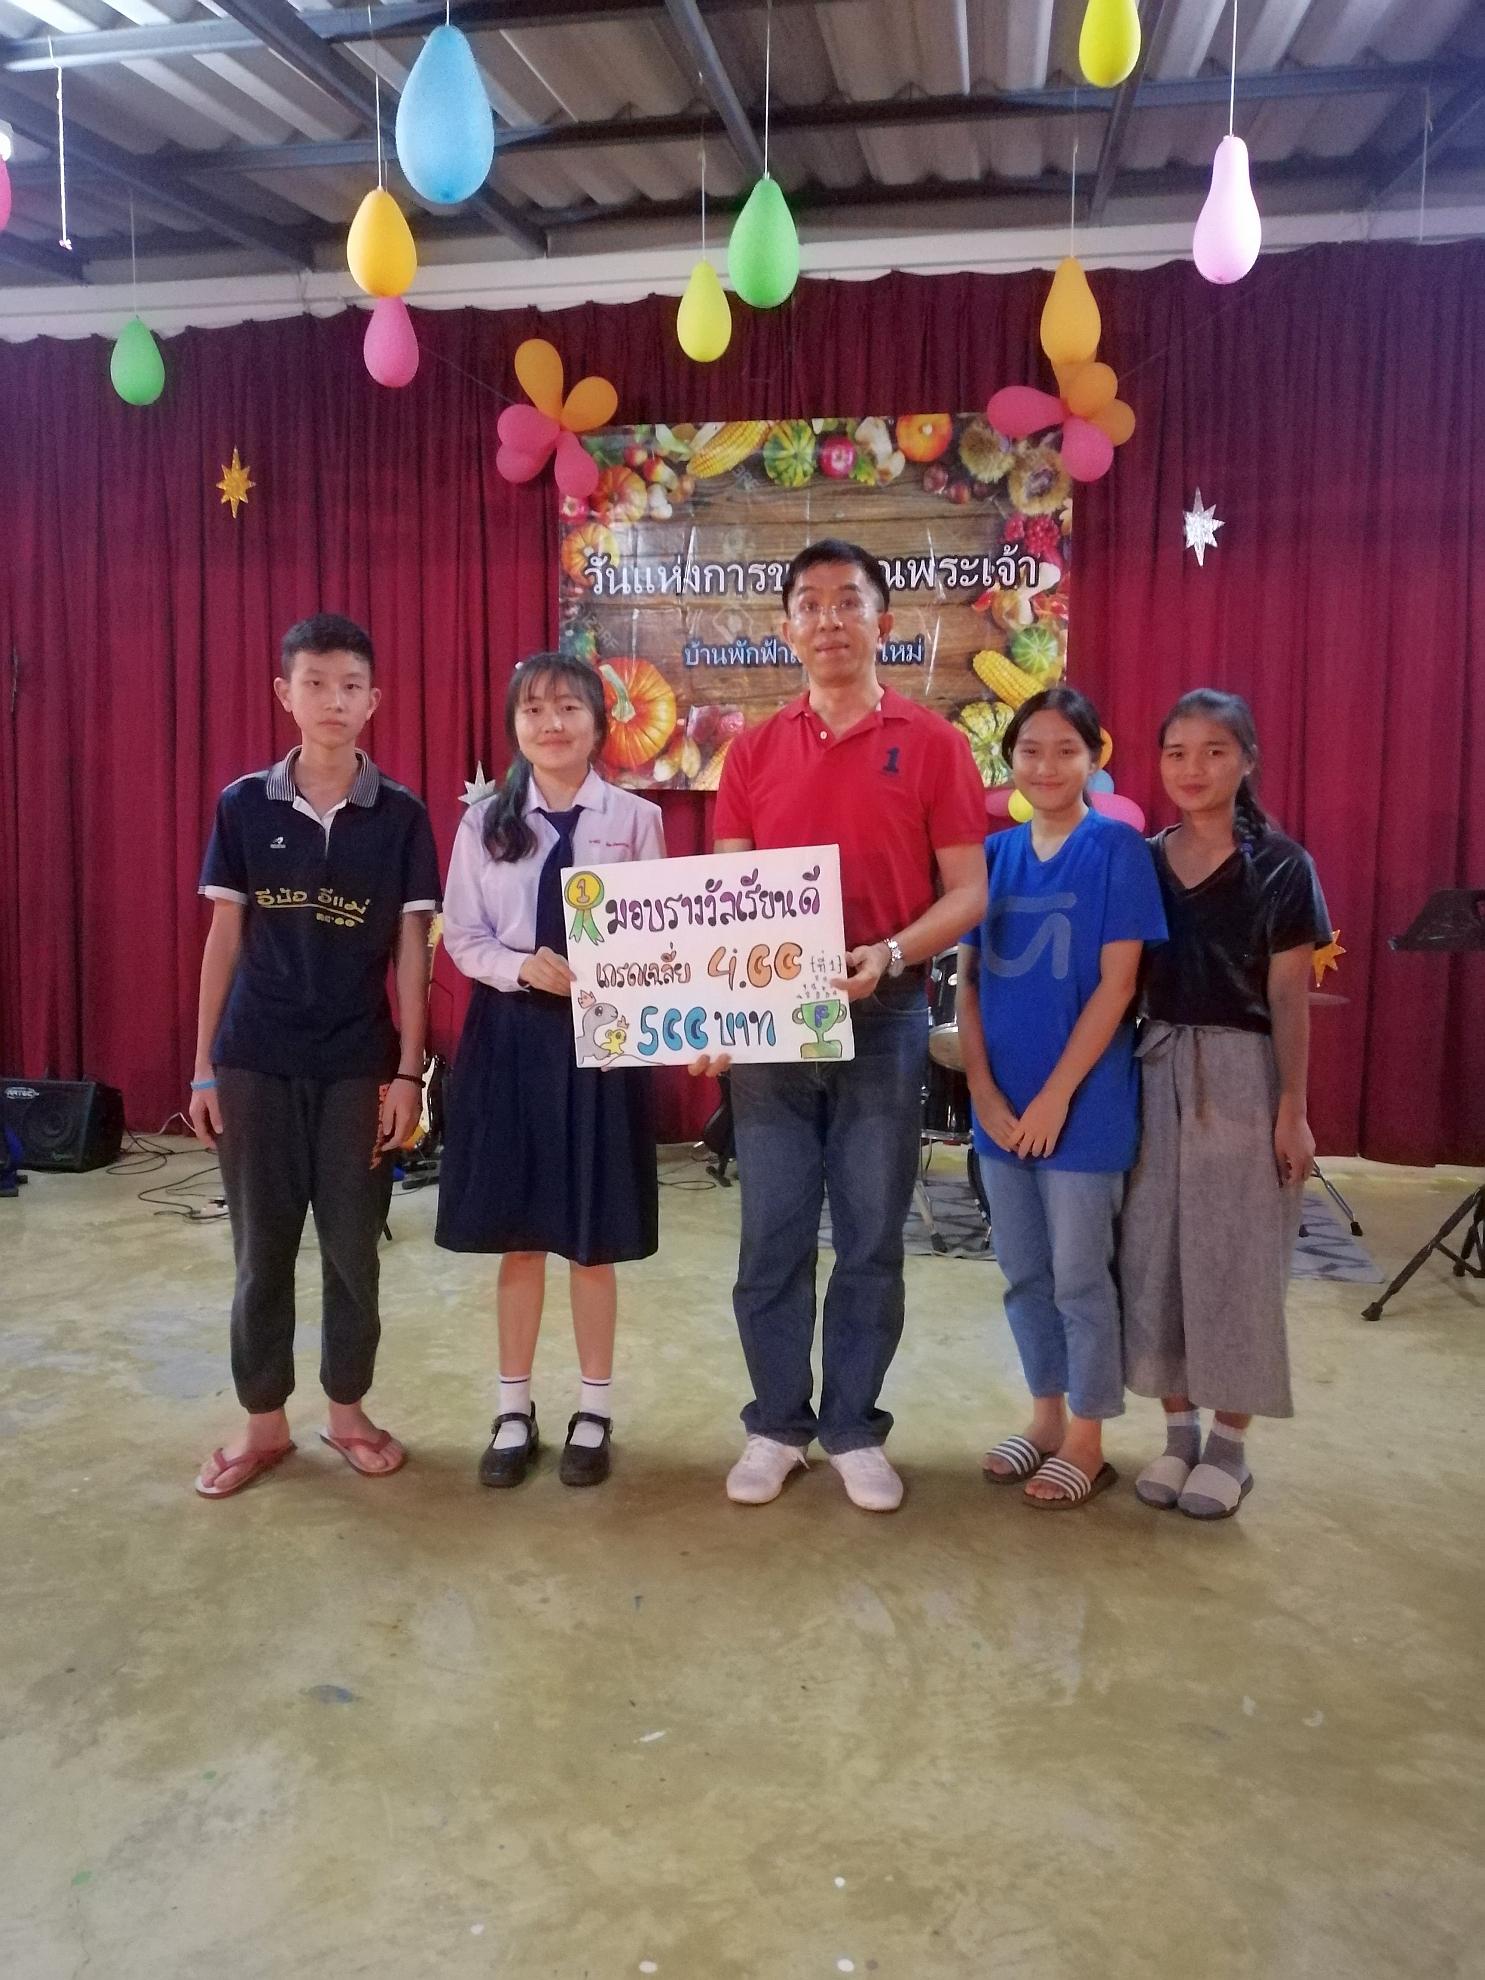 新天學生中心舉行感恩晚會, 趁機會頒發獎金給四位考第一的學生。